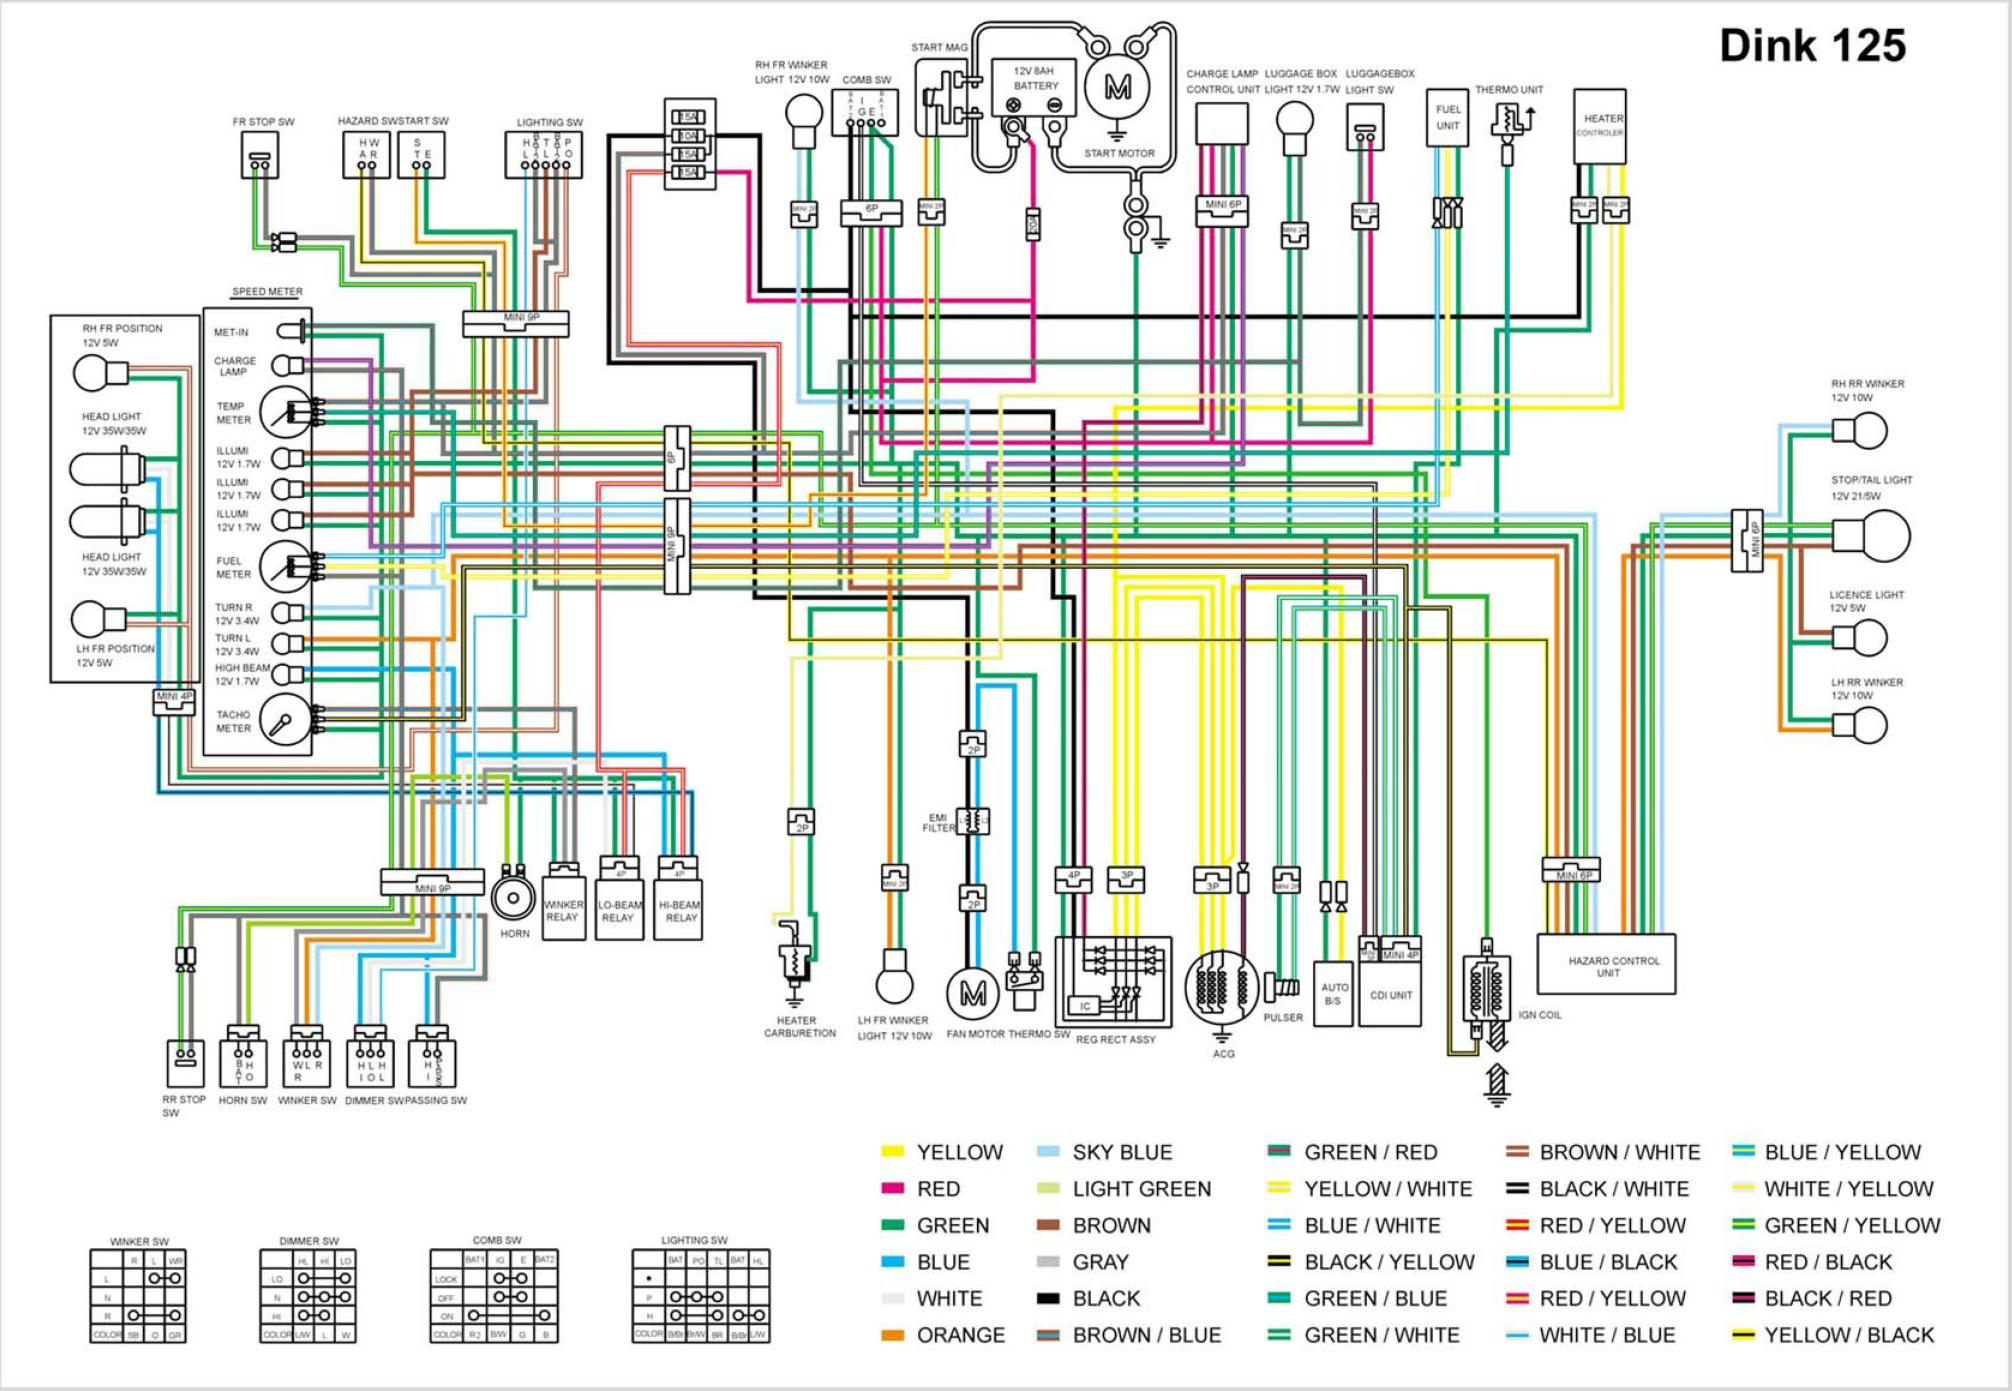 tao tao 50cc scooter wiring diagram - dolgular, Wiring diagram